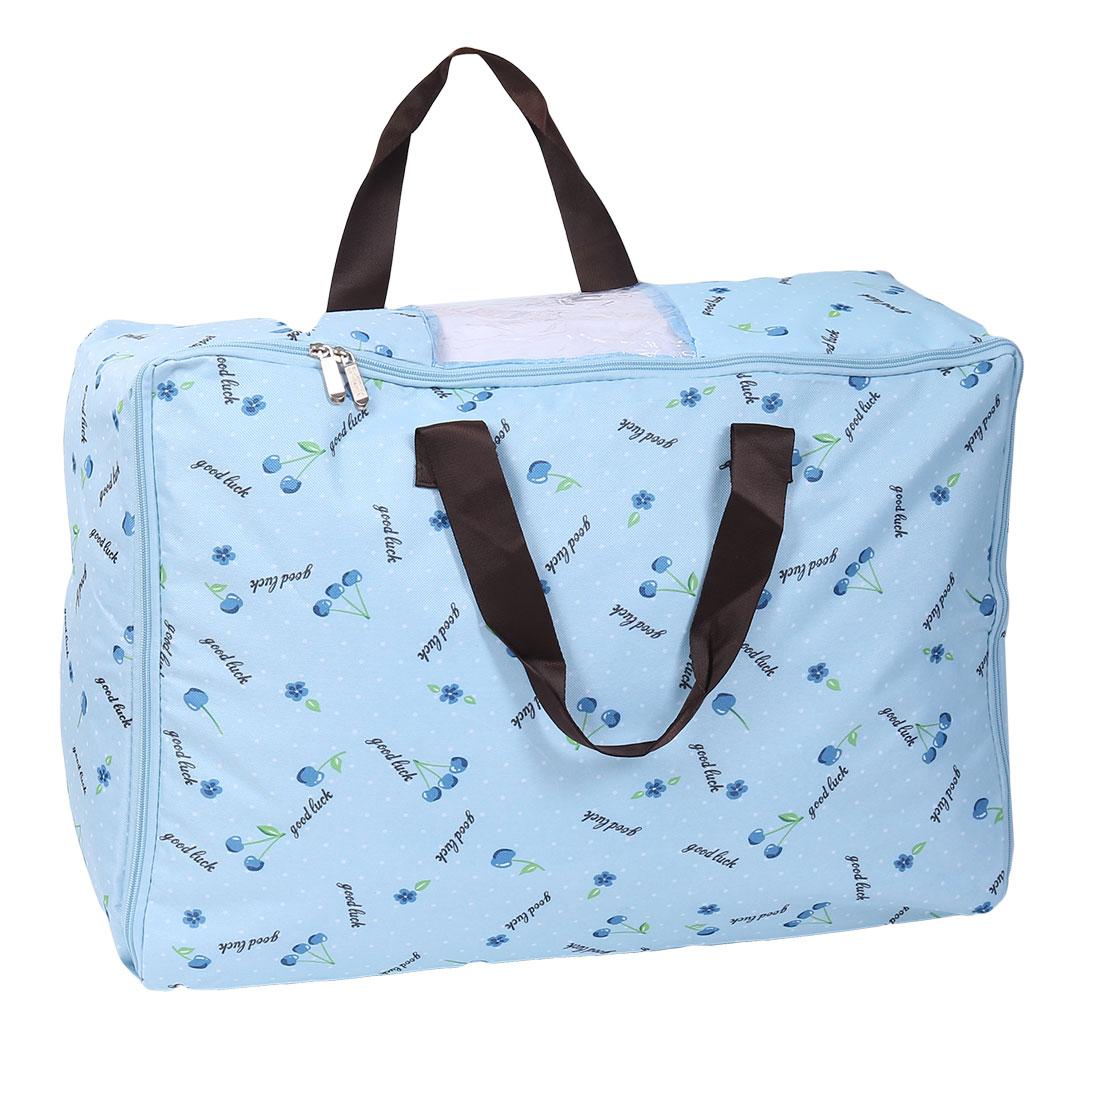 Home Floral Print Bed Sheets Quilt Duvet Storage Bag Container Blue 55cm x 35cm